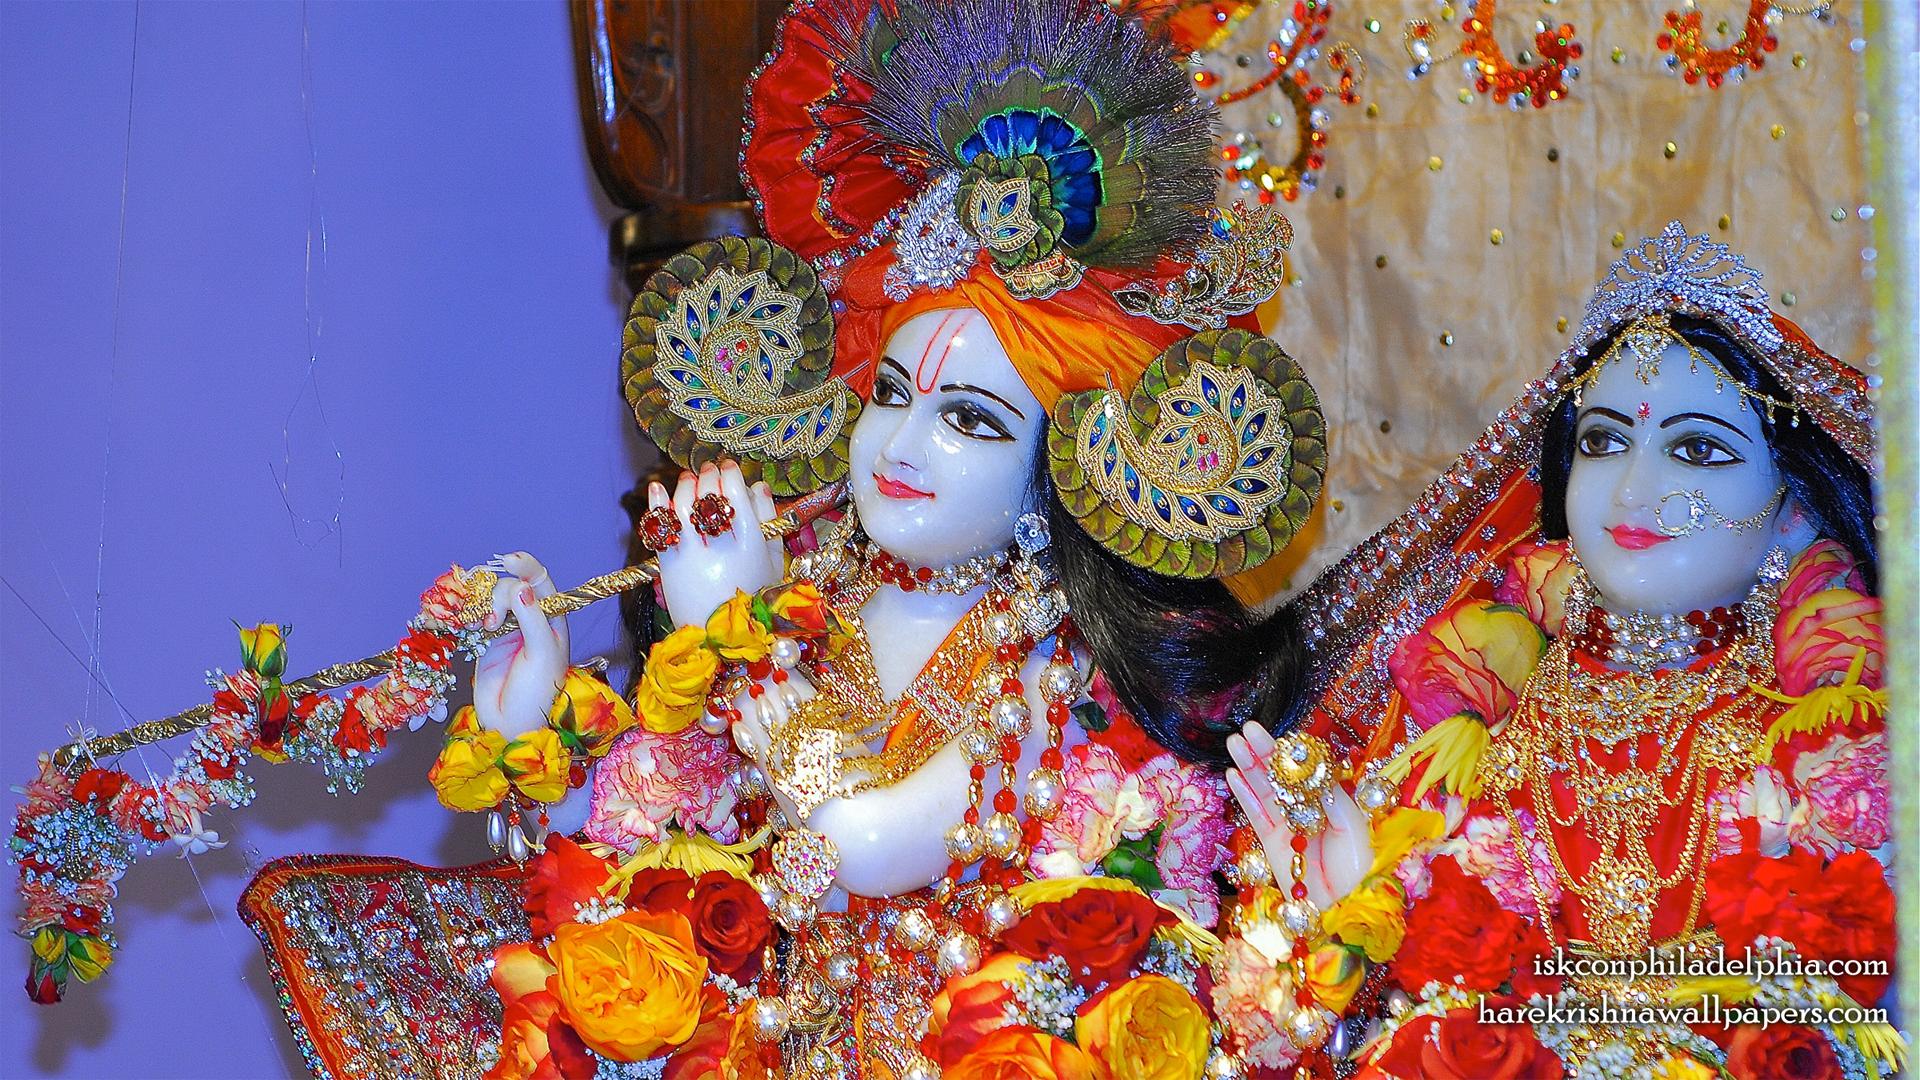 Sri Sri Radha Krishna Close up Wallpaper (006) Size 1920x1080 Download